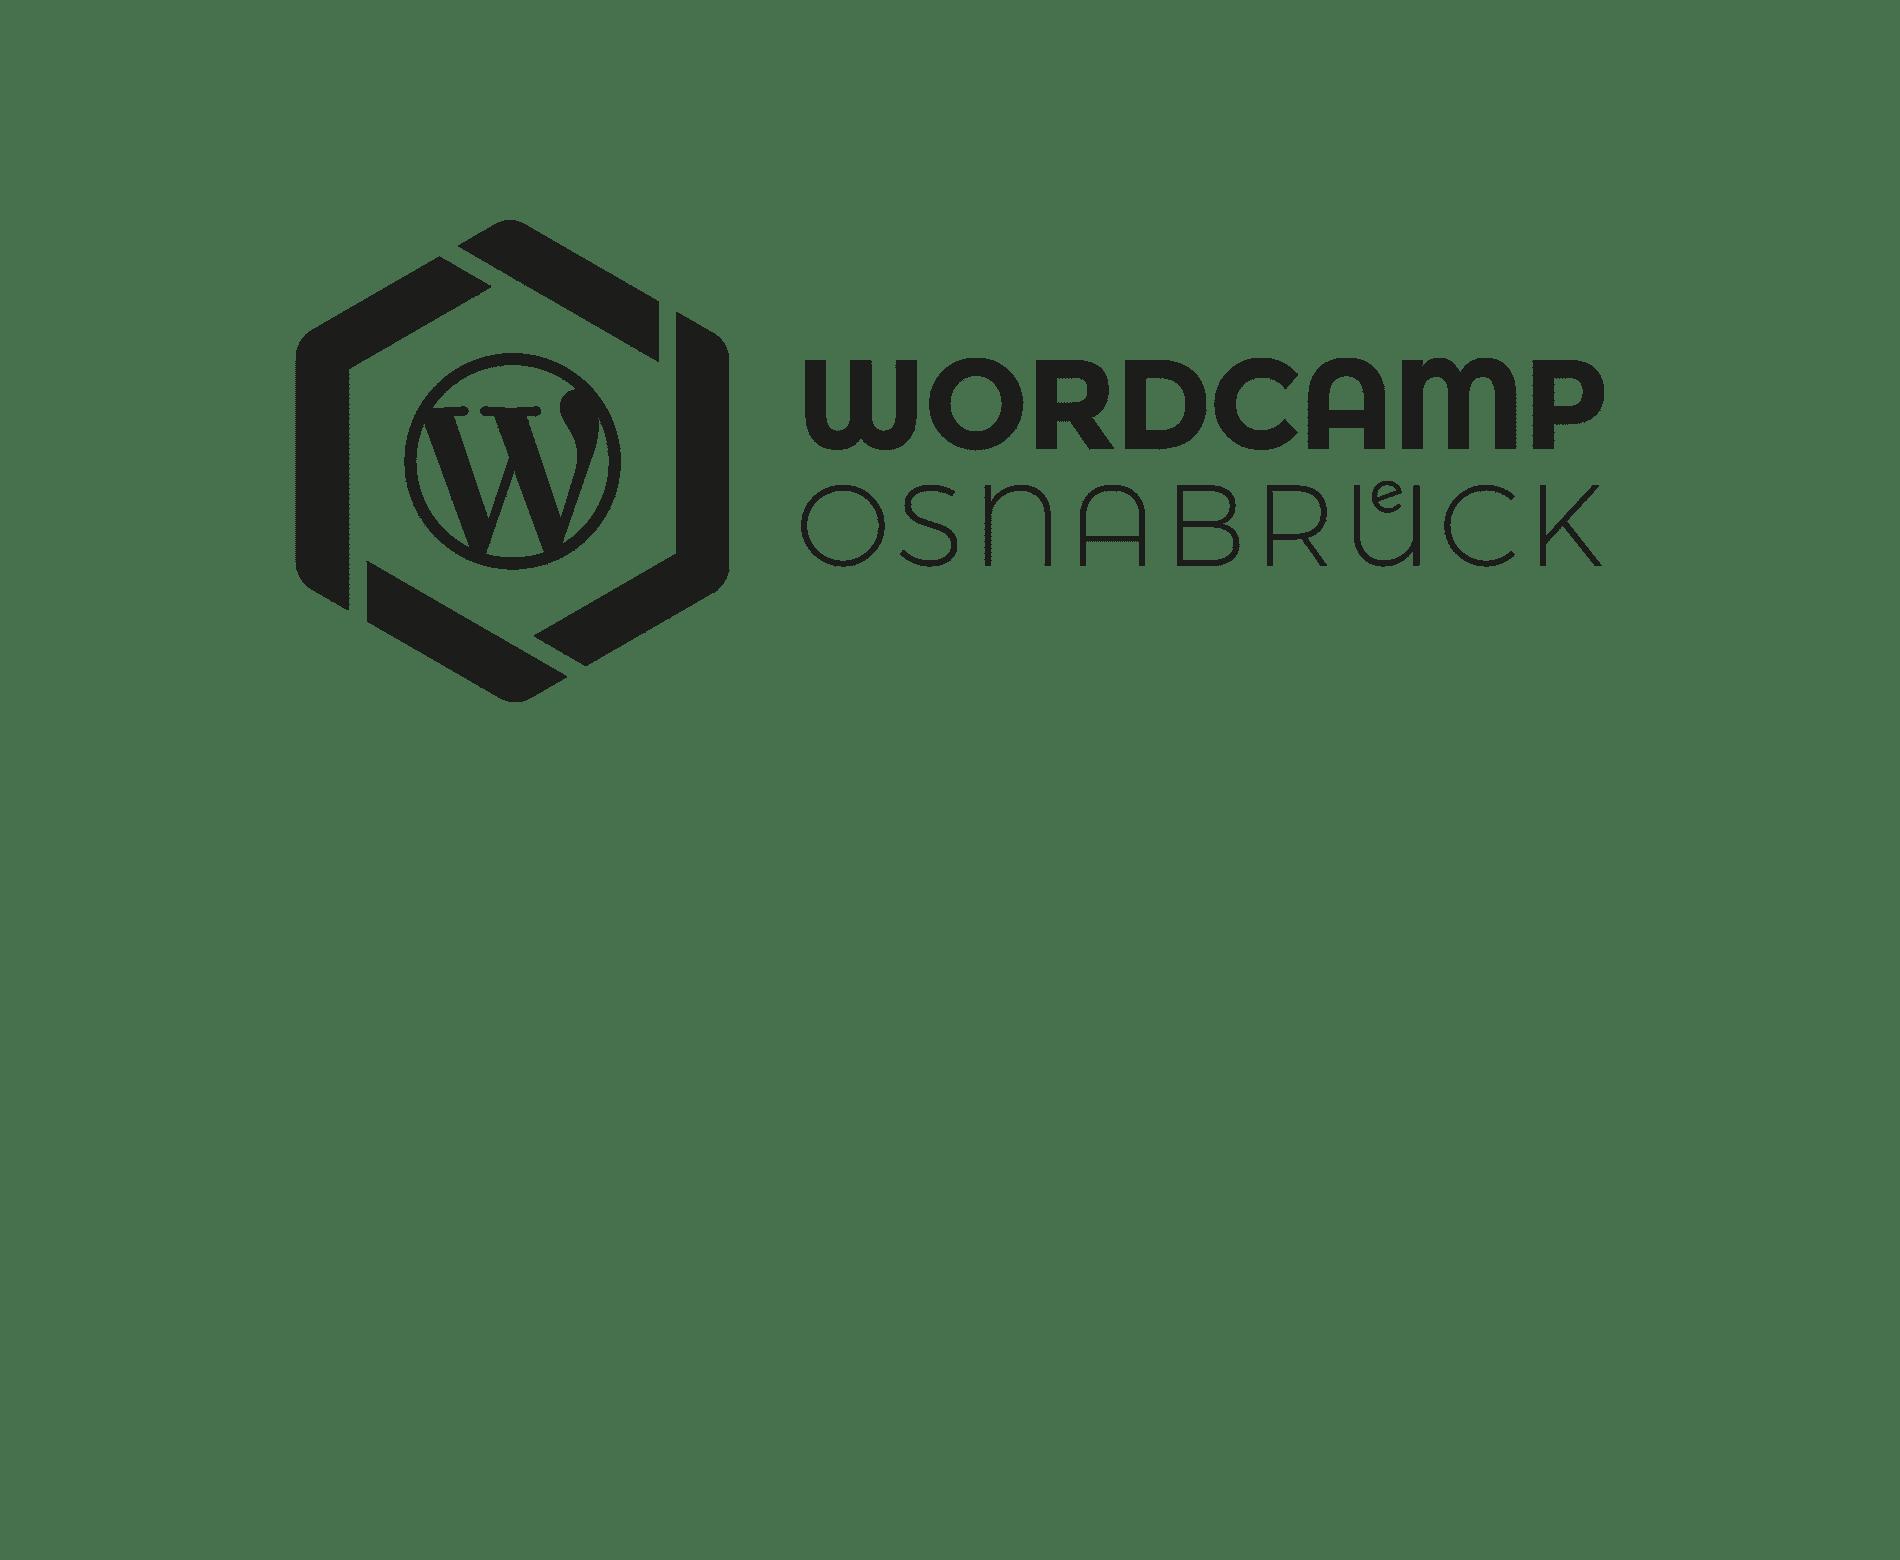 Das WordCamp in Osnabrück